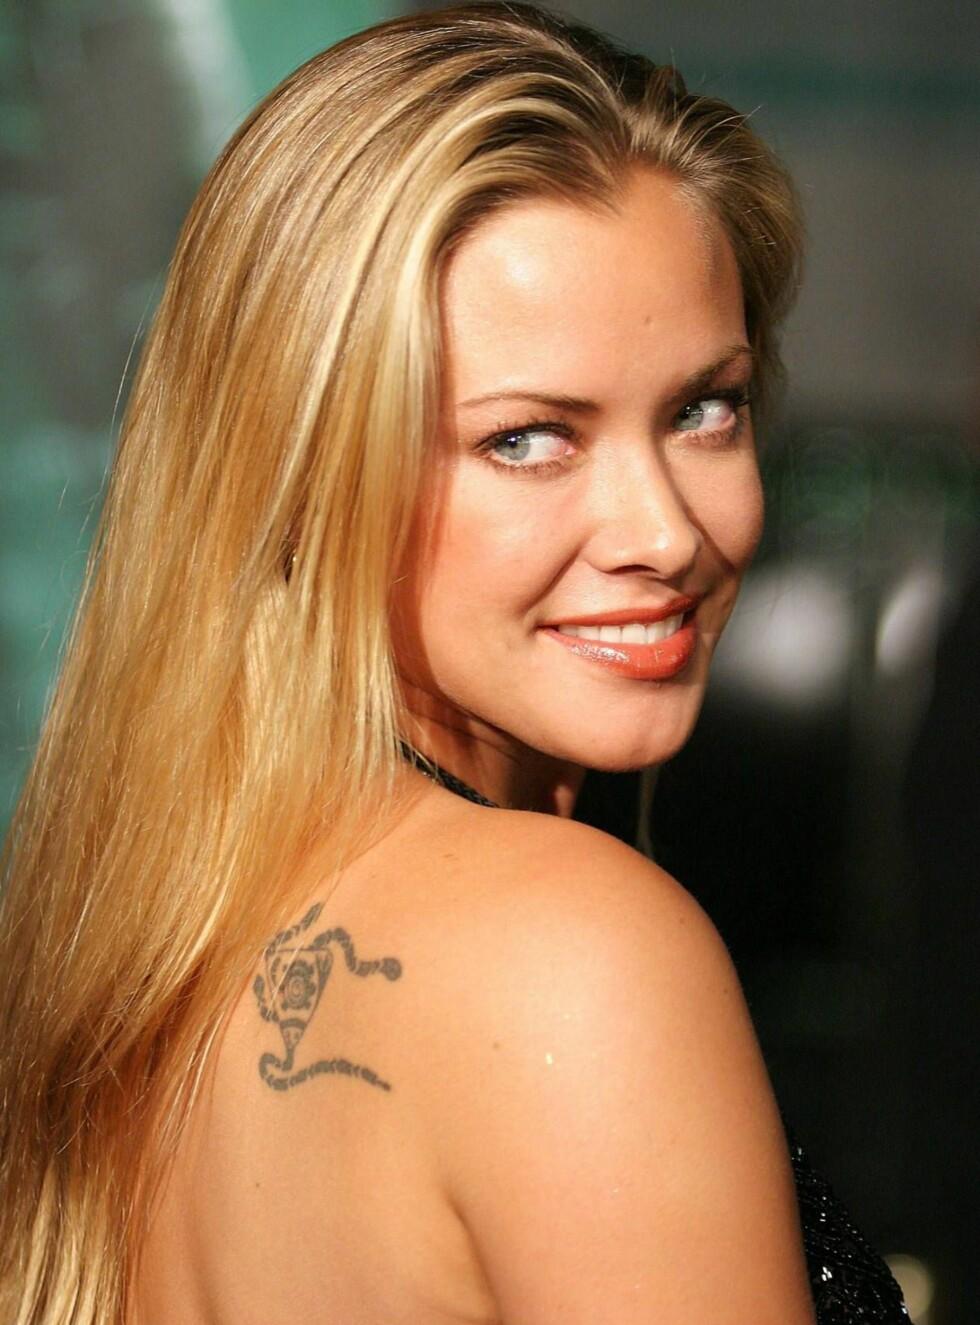 VAKKER: Kristanna Loken er en av Hollywoods flotteste kvinner. Nå forteller hun at hun er klar for en familie - og at donoren er klar! Foto: All Over Press